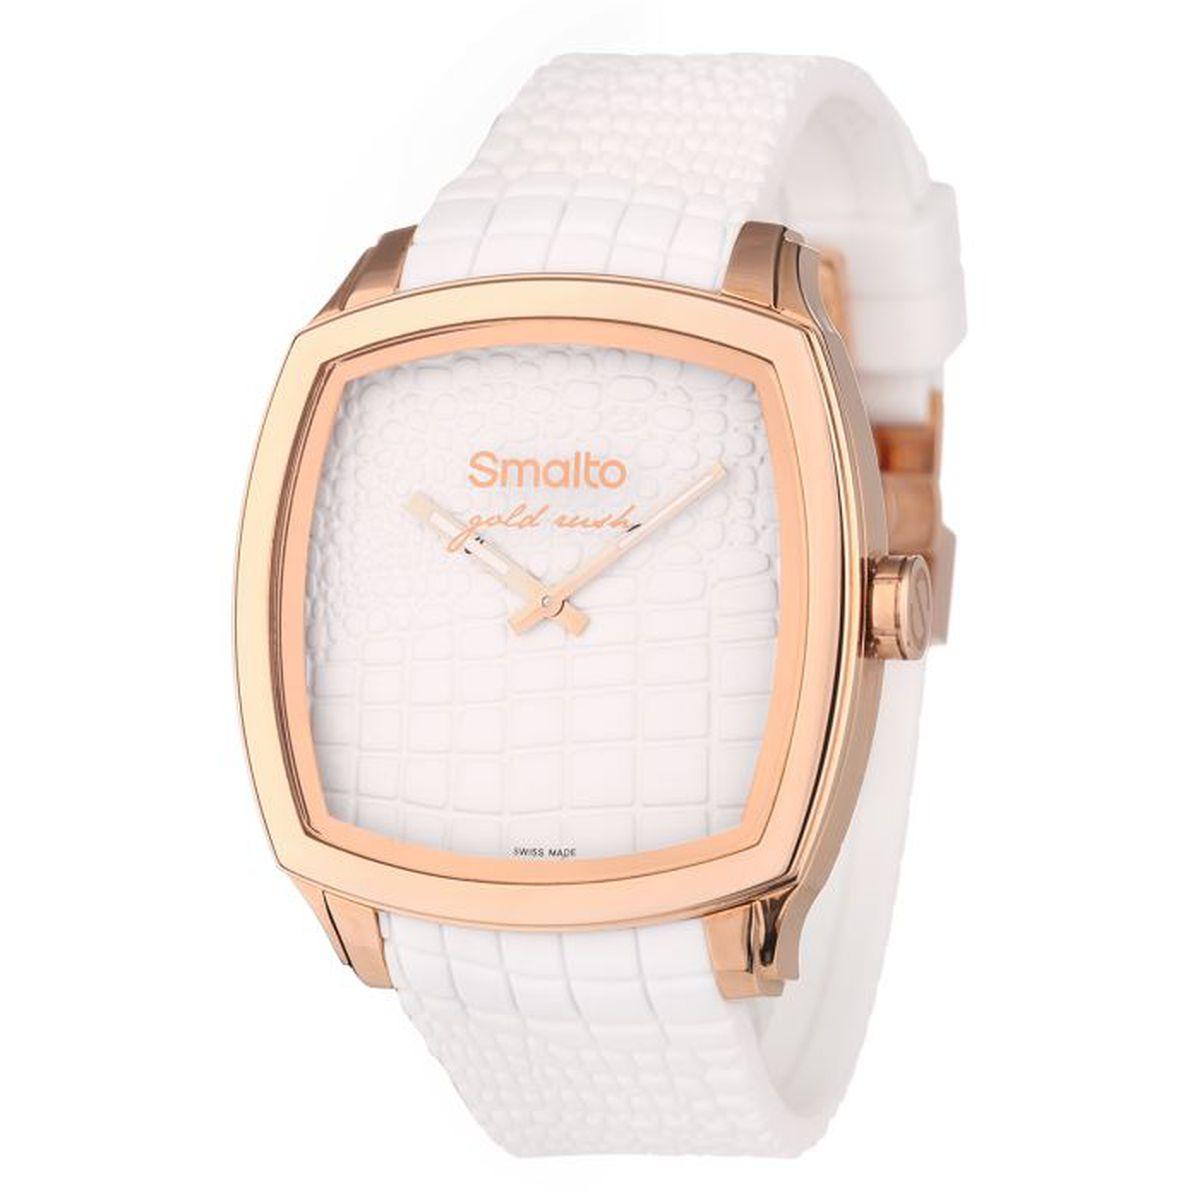 9207595547 bracelet montre smalto,smalto montre bracelet cuir maestro homme